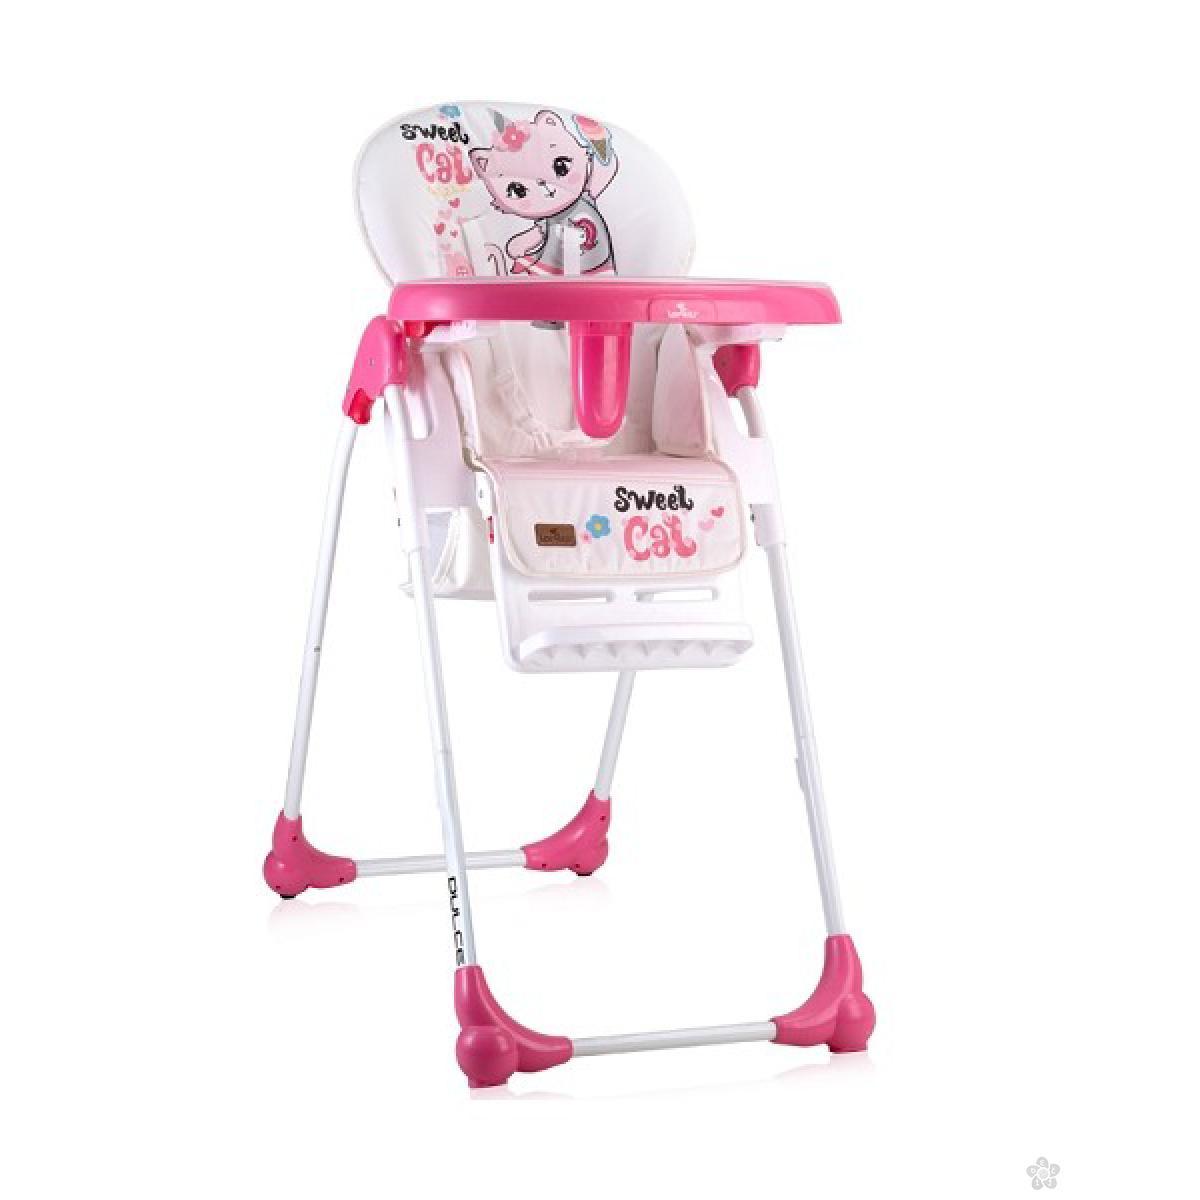 Hranilica Dulce Pink Cat 10100452031